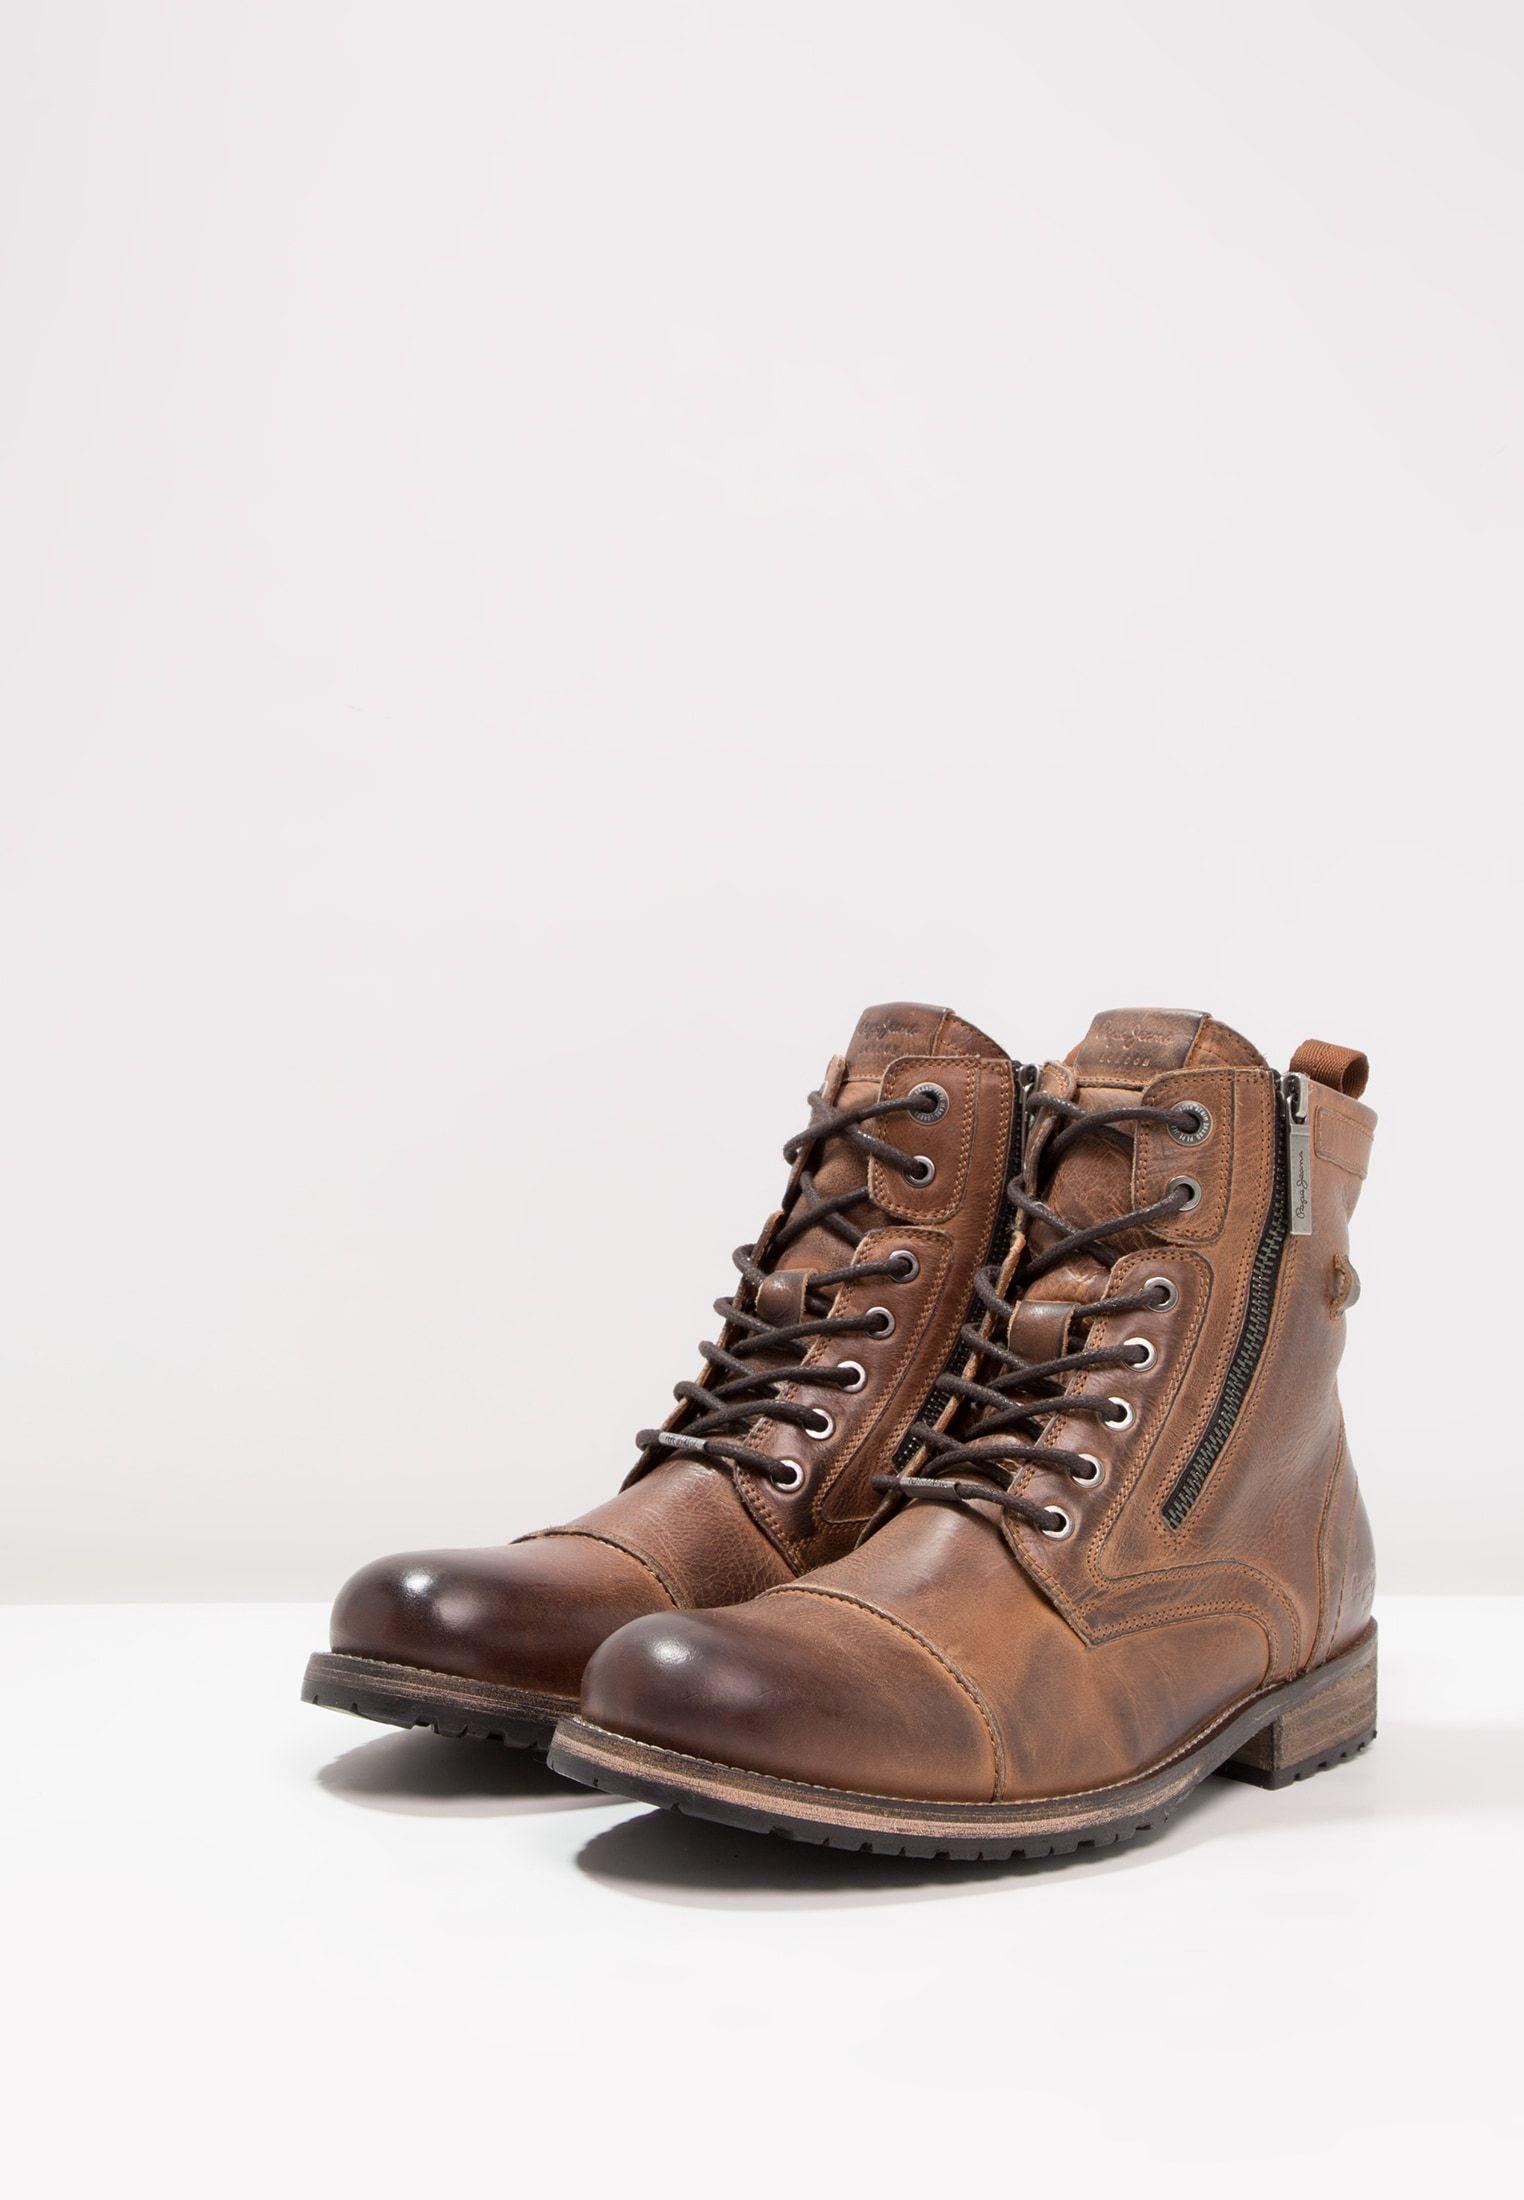 Pepe Jeans Herren Melting Heritage New Klassische Stiefel